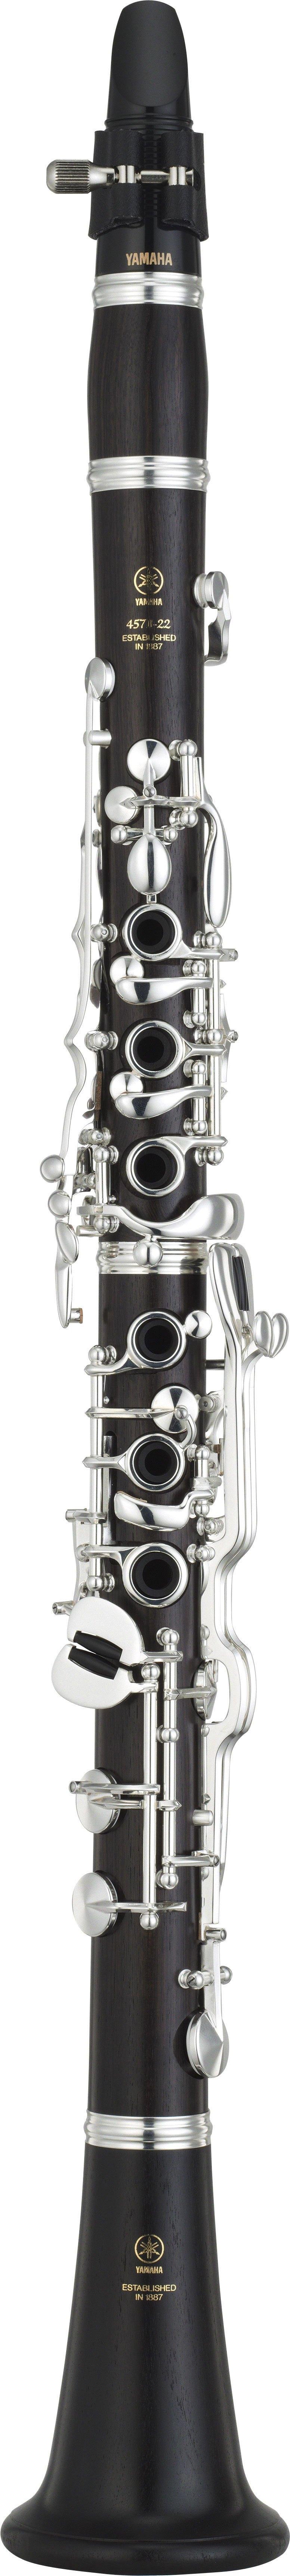 Yamaha - YCL - 457 - 22 - II - Holzblasinstrumente - Klarinetten | MUSIK BERTRAM Deutschland Freiburg